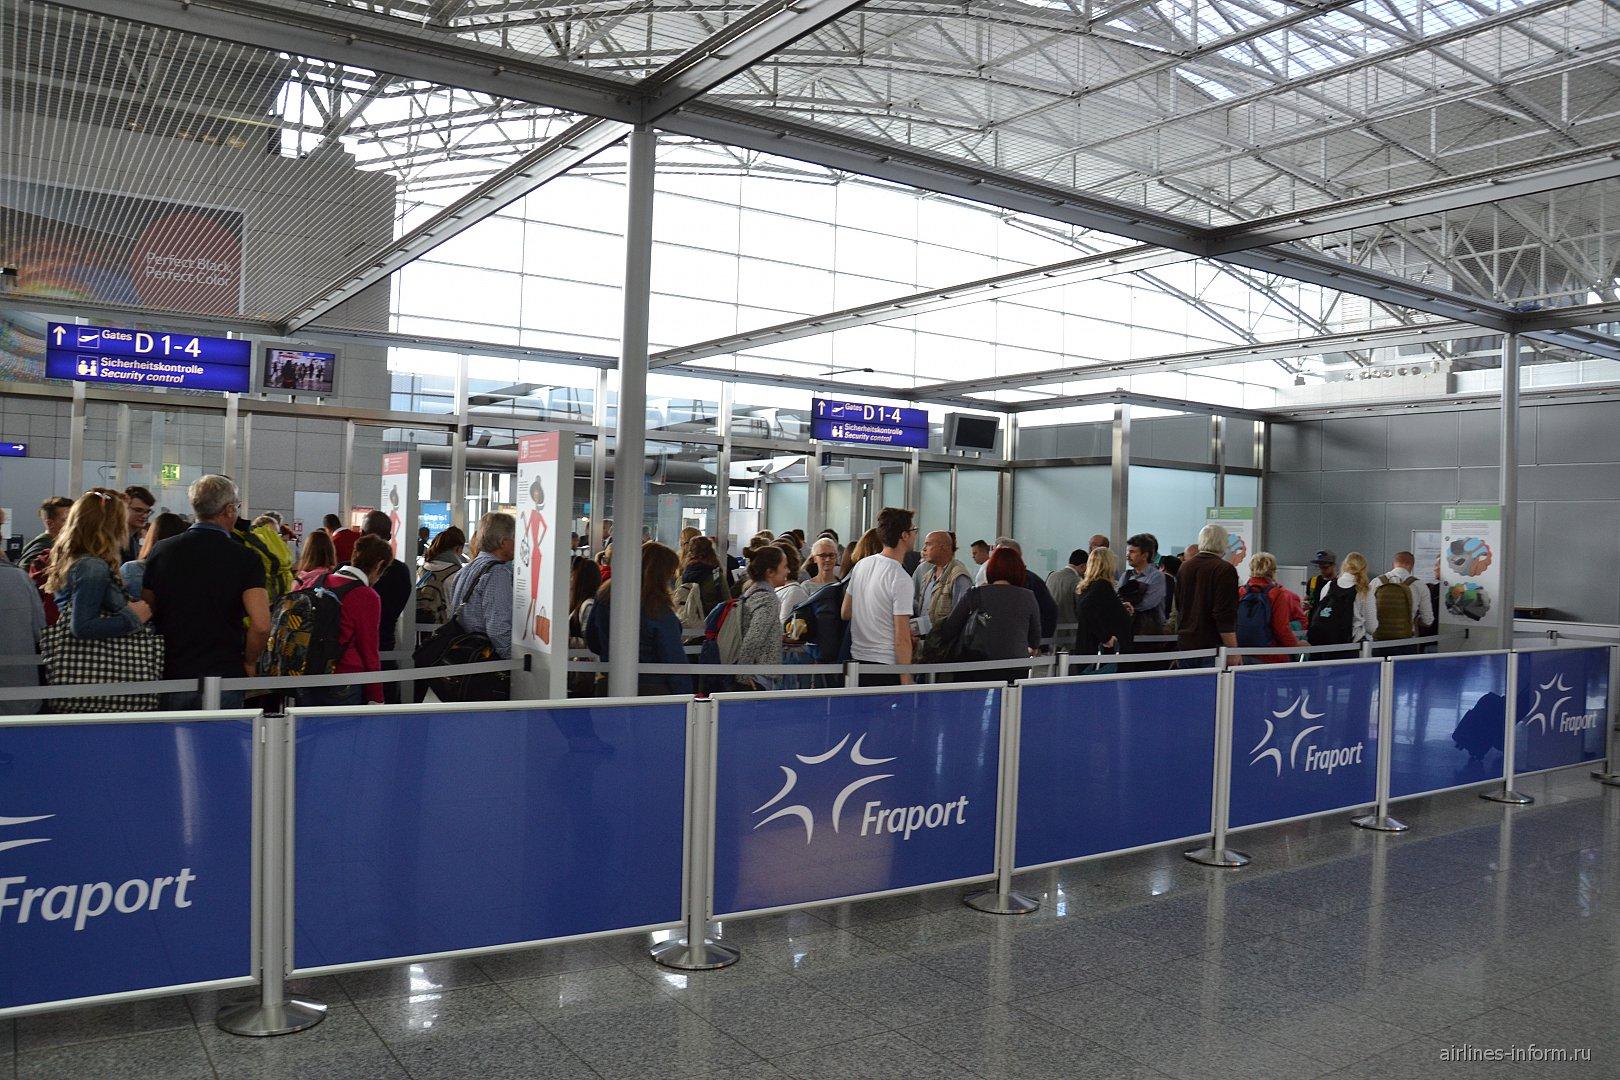 Досмотр перед посадкой в самолет в терминале 1 аэропорта Франкфурт